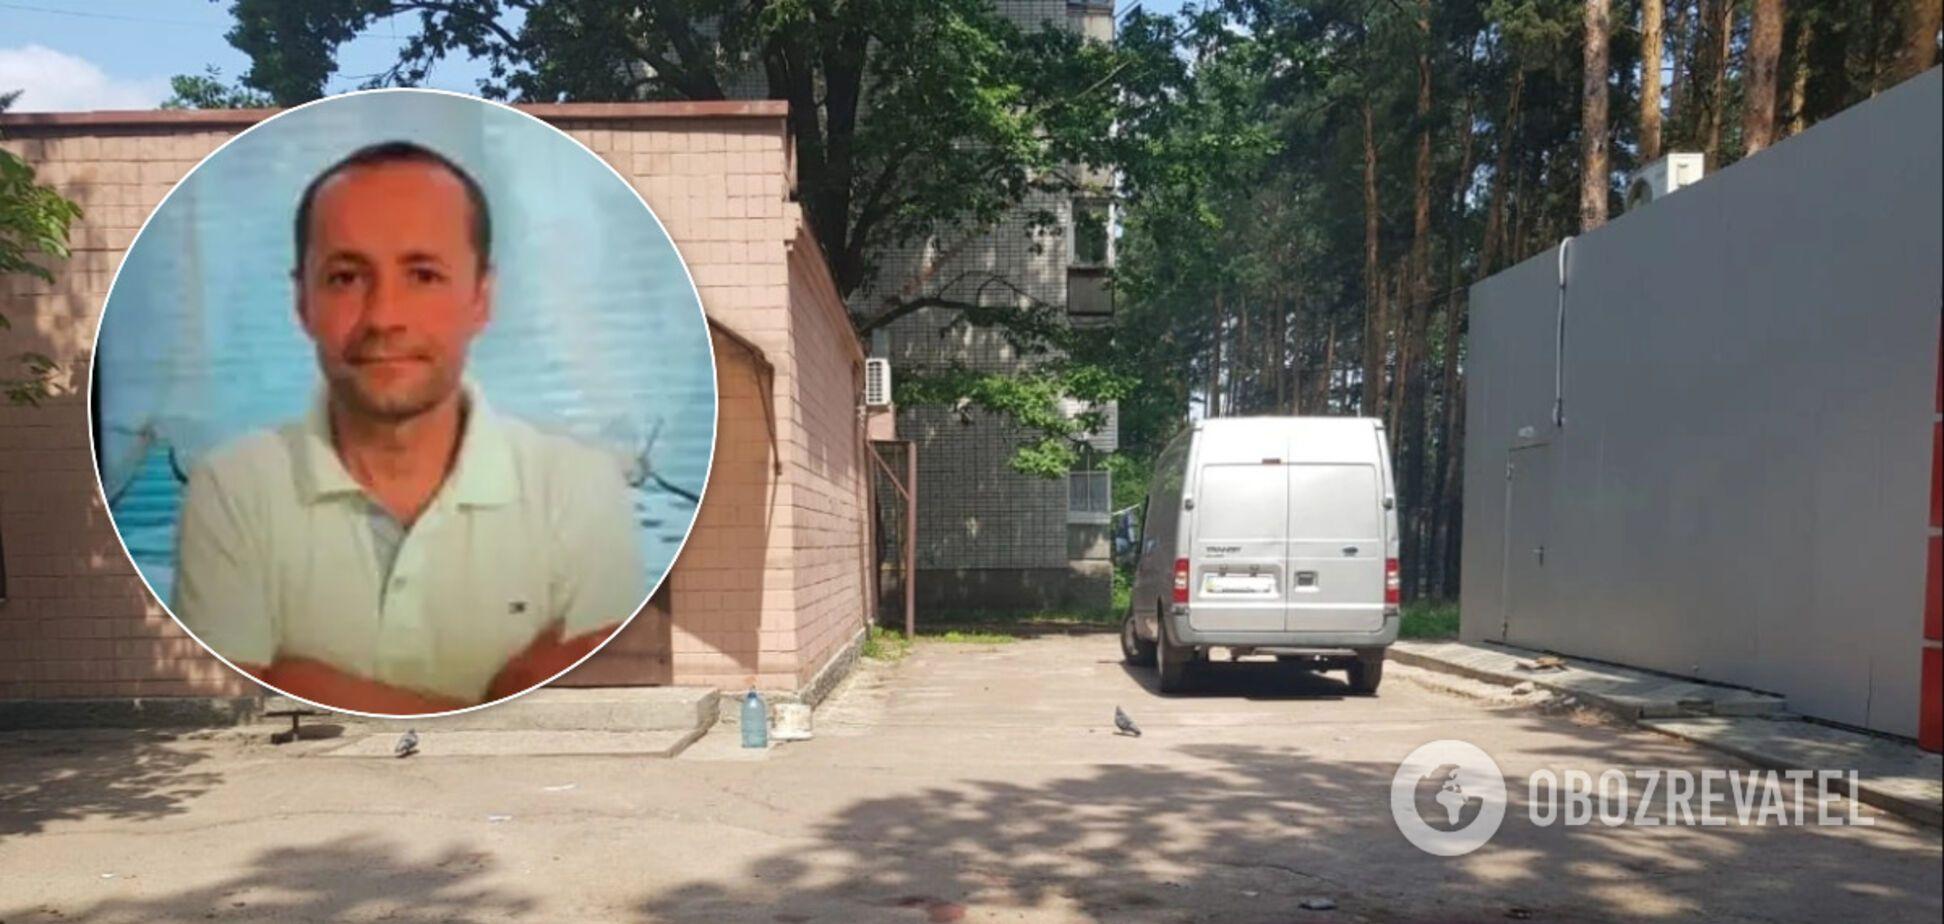 Підозрюваним у різанині на Житомирщині виявився шурин селищного голови, – ЗМІ